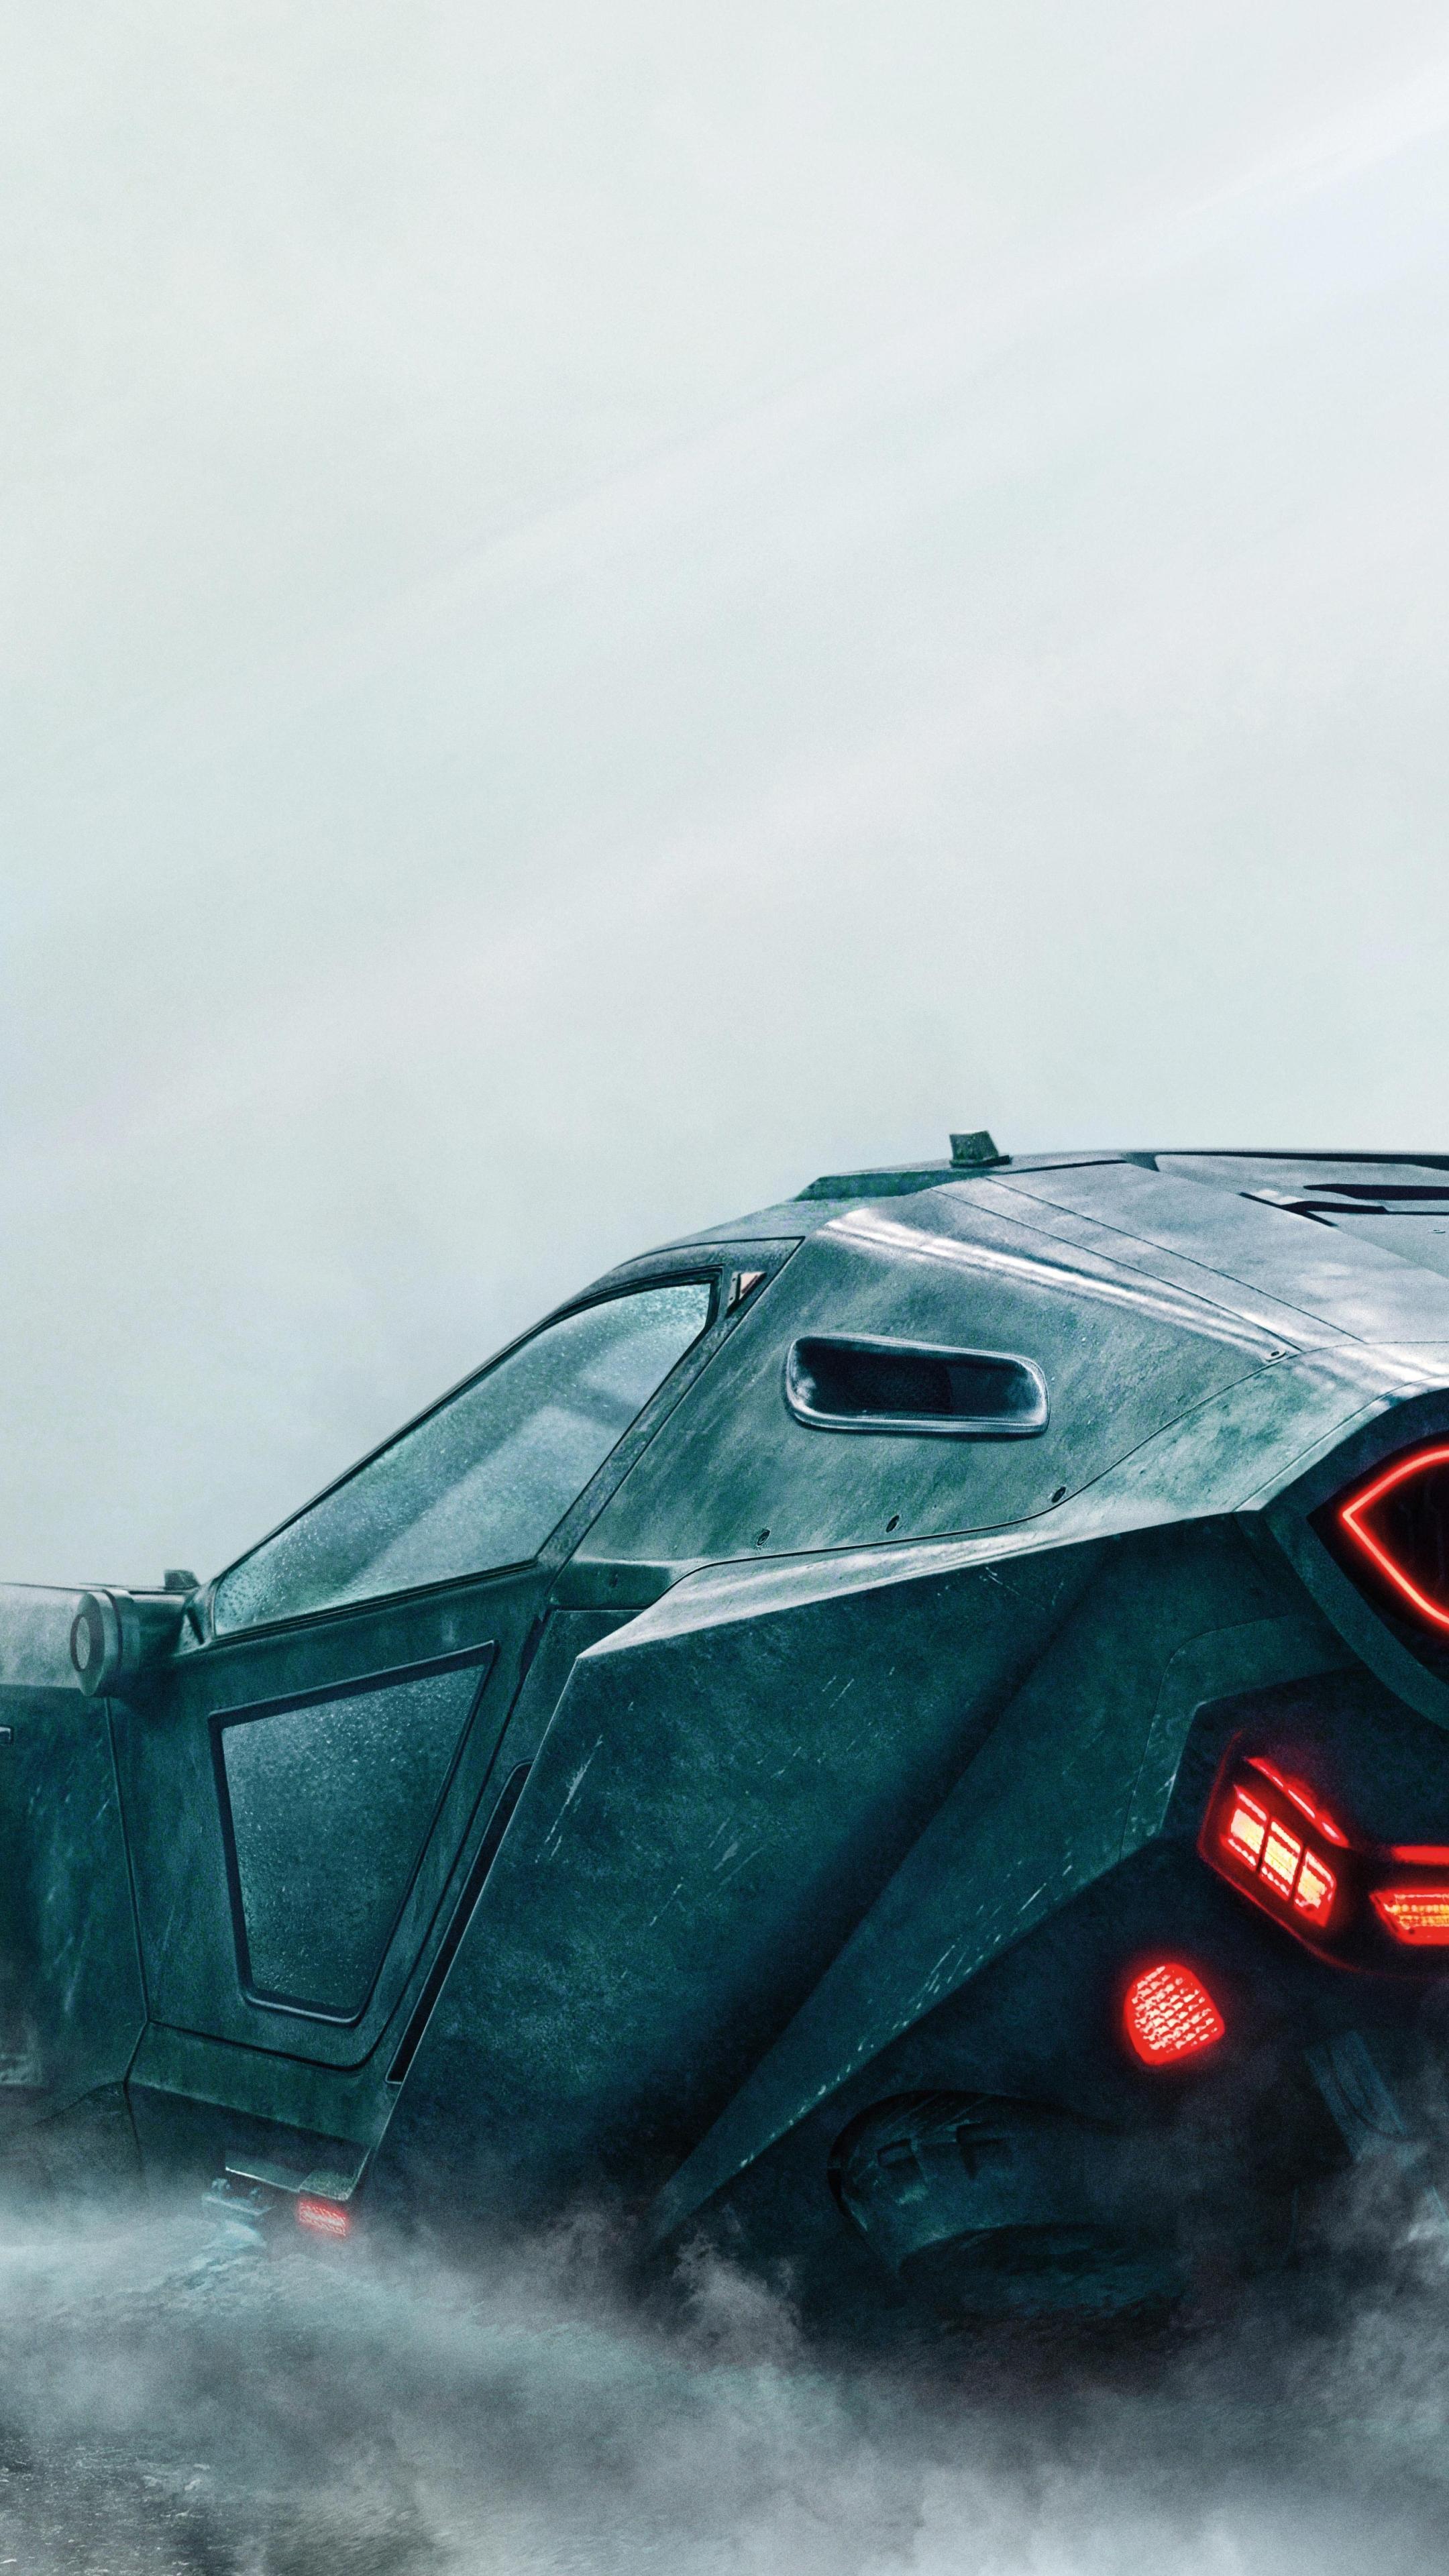 Blade Runner 2049 Still, HD 8K Wallpaper